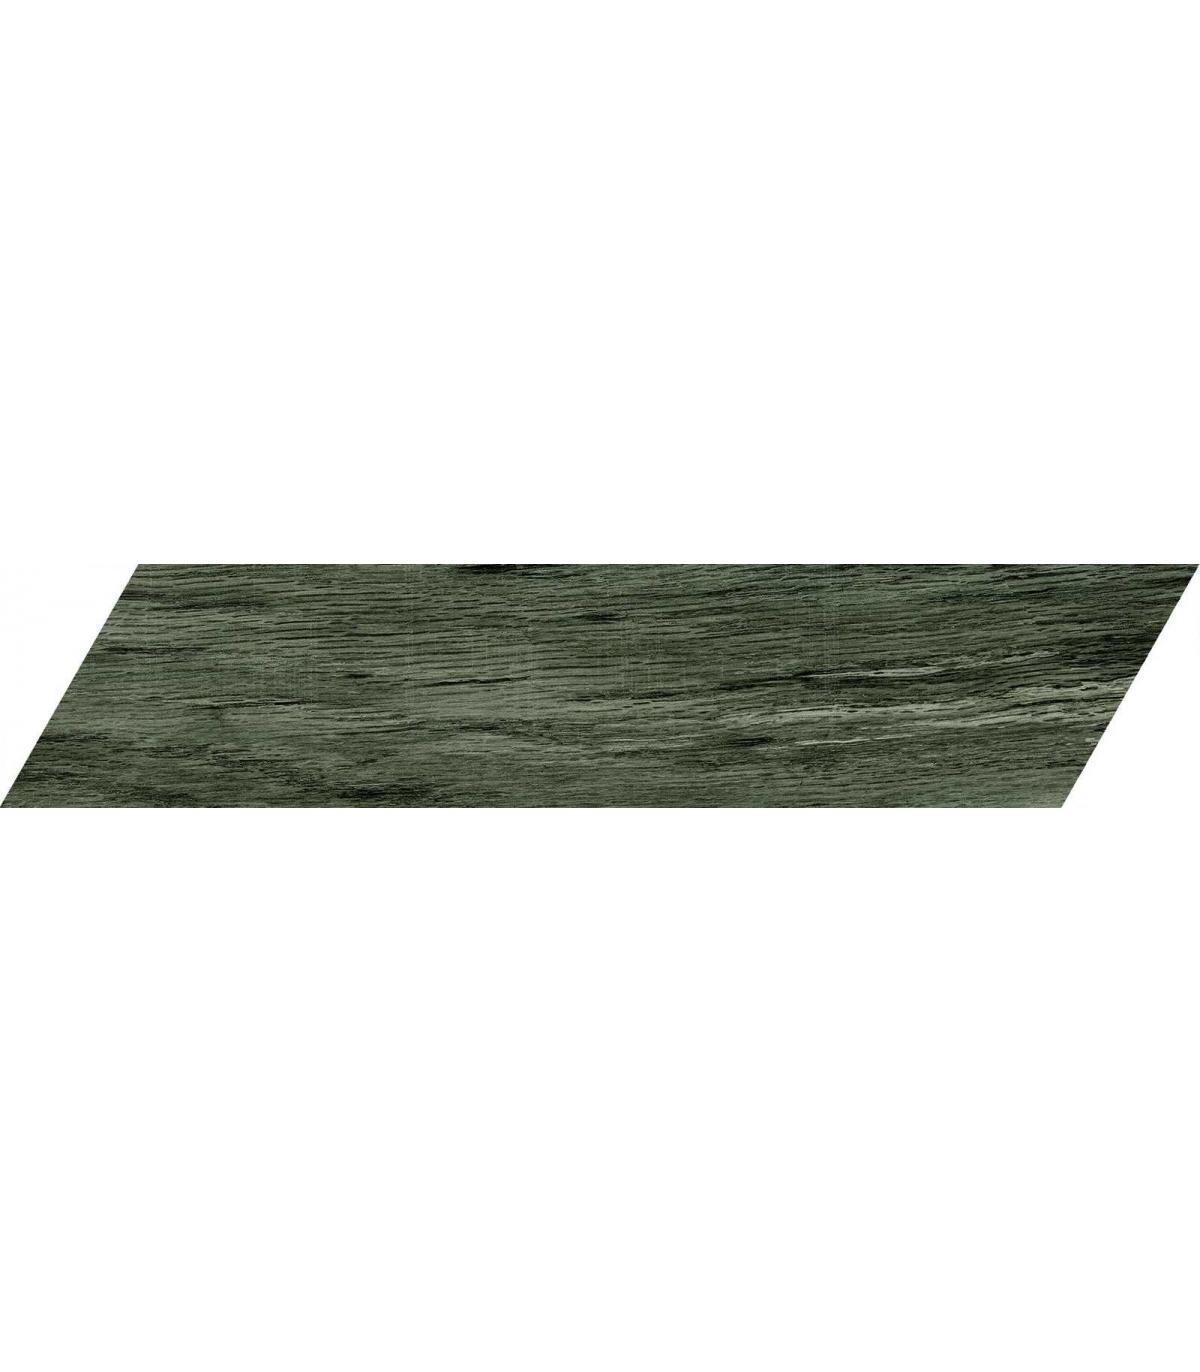 baignoire autoportante ideal standard autour de la serie art k8715 en acrylique finition blanche taille 180x85 cm le reservoir